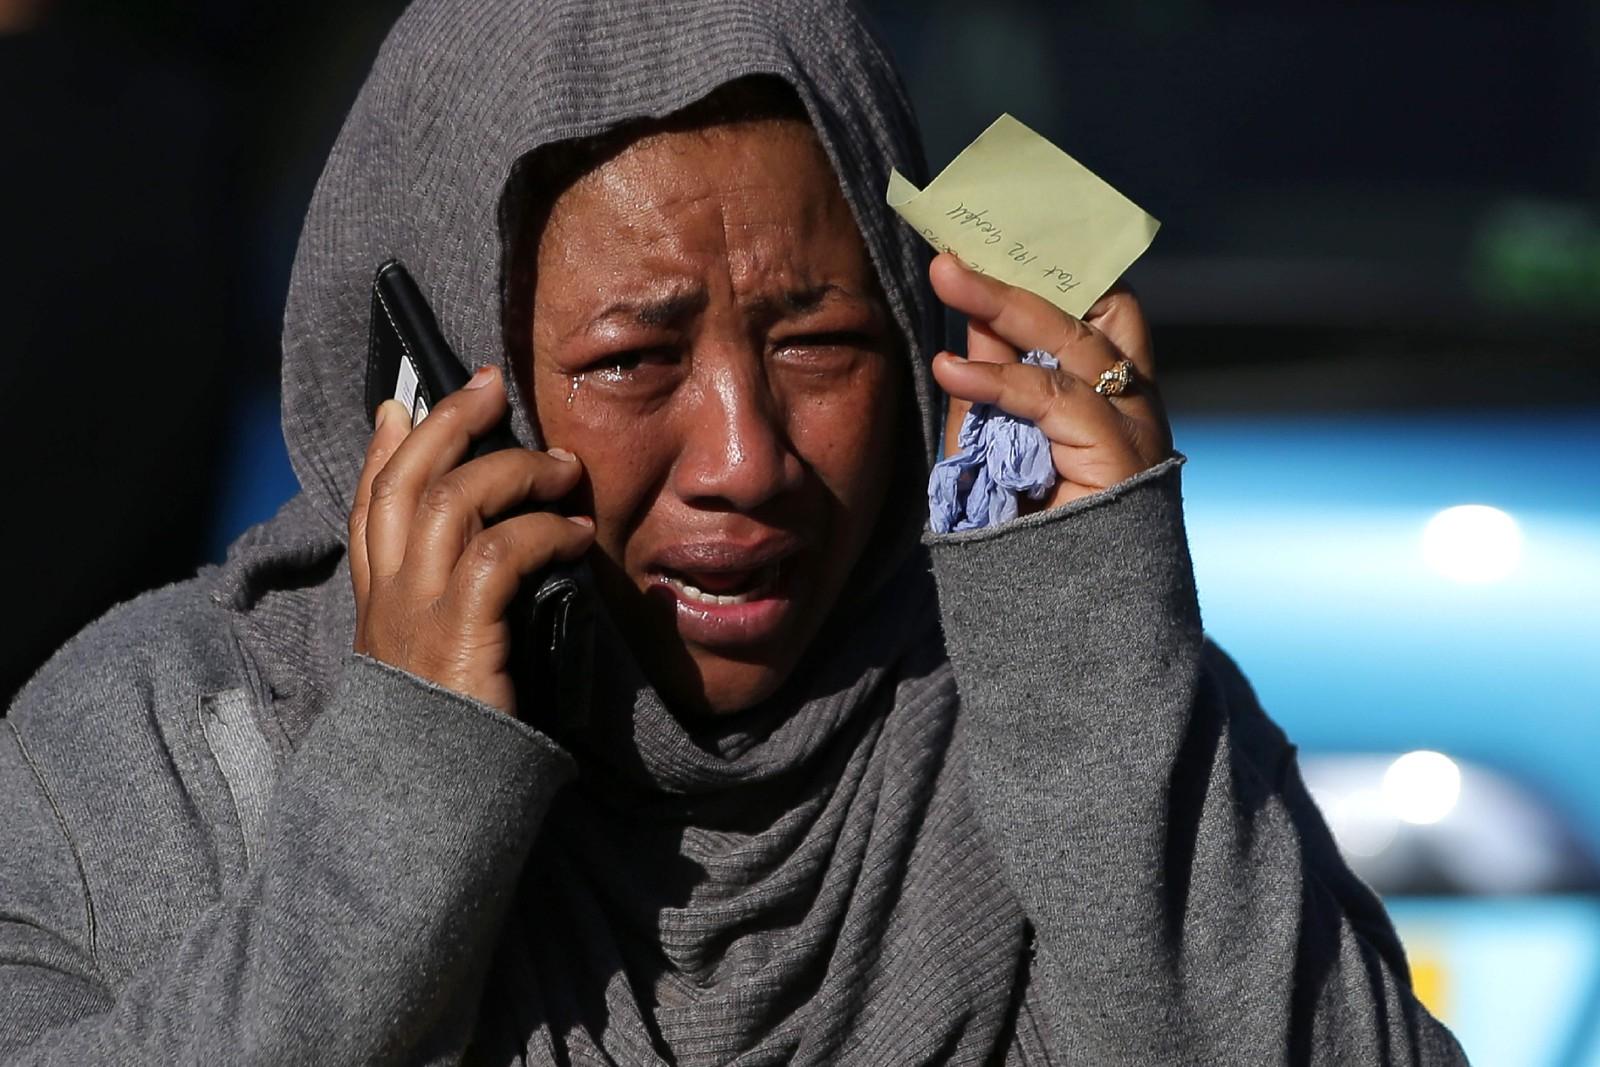 SAVNET: En kvinne forsøker desperat å få tak i en savnet slektning etter storbrannen.